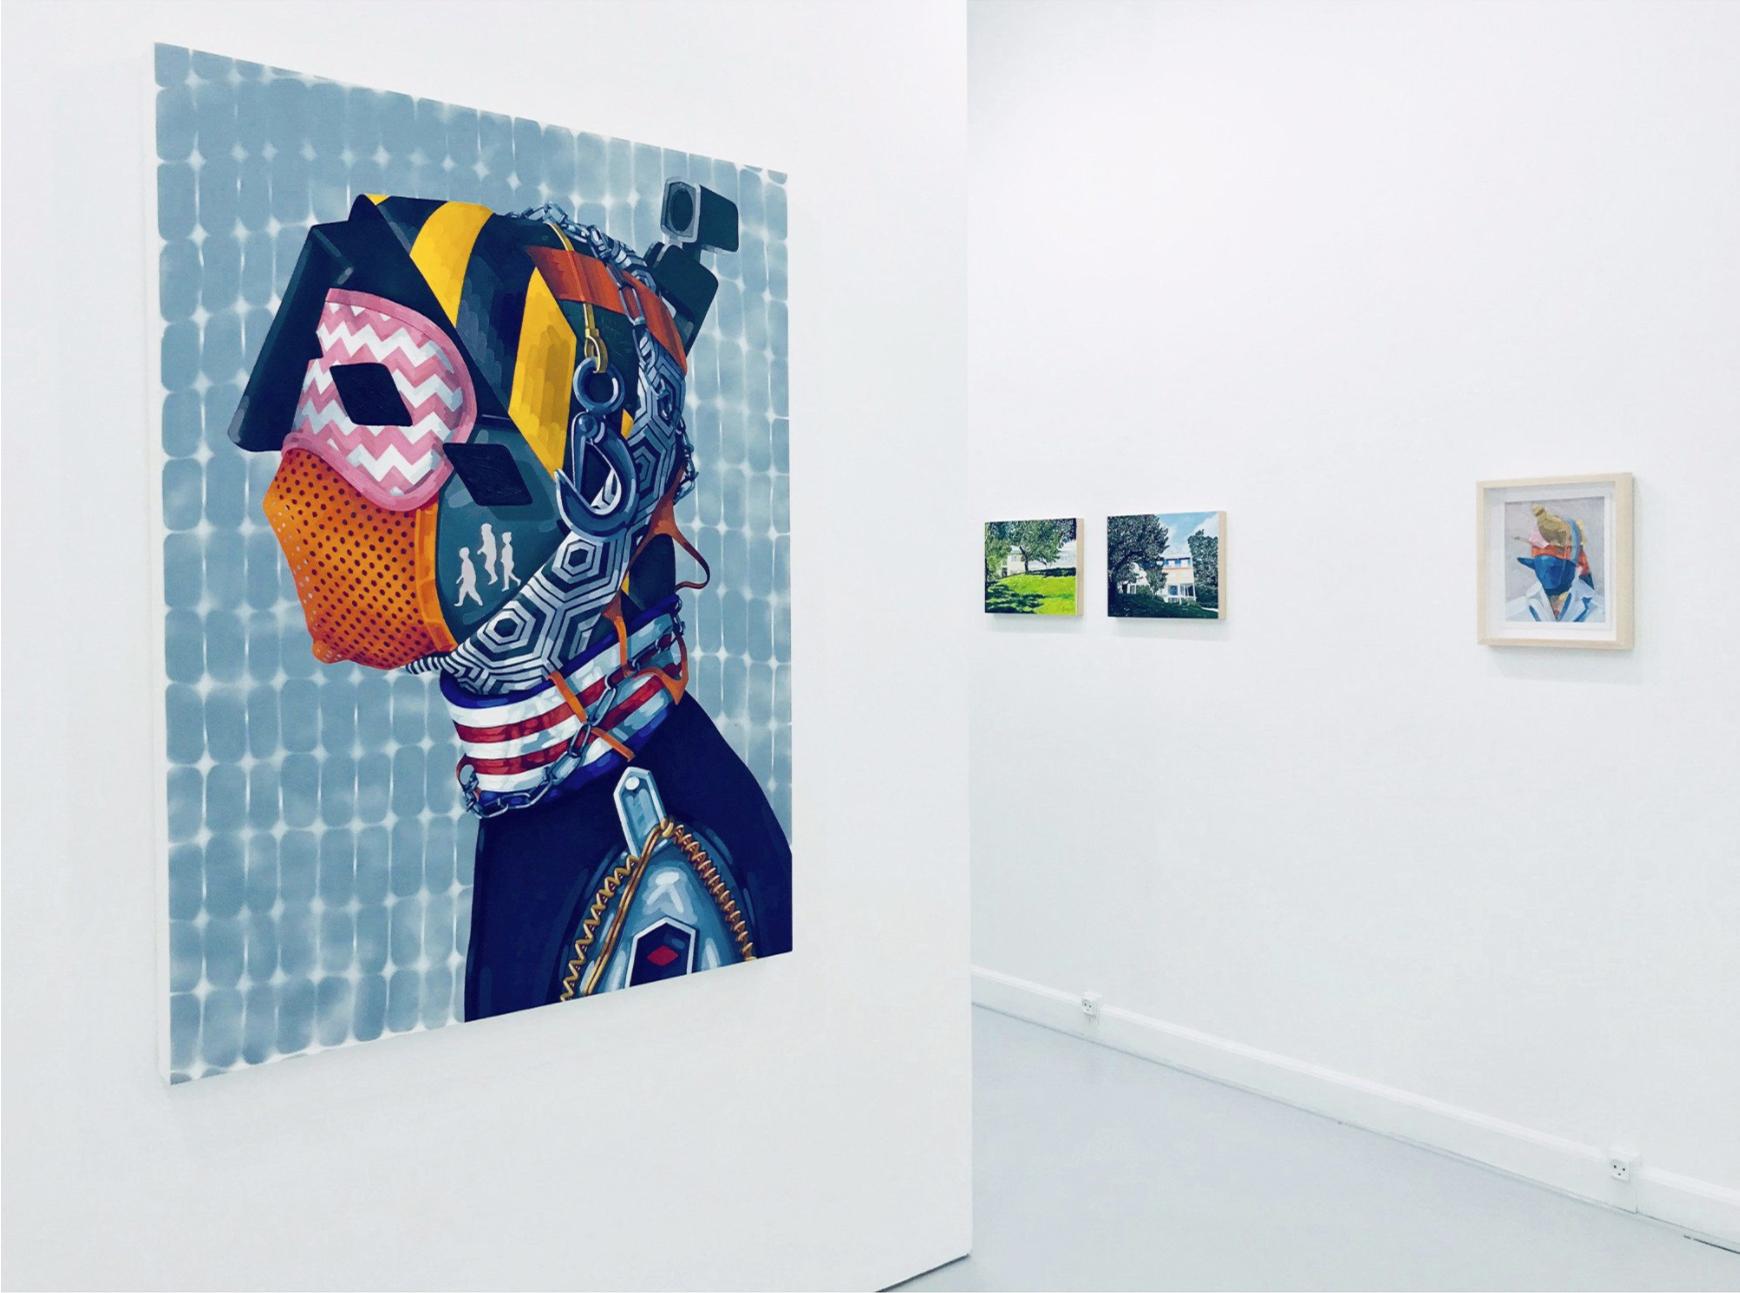 Christoffer Egelund Gallery